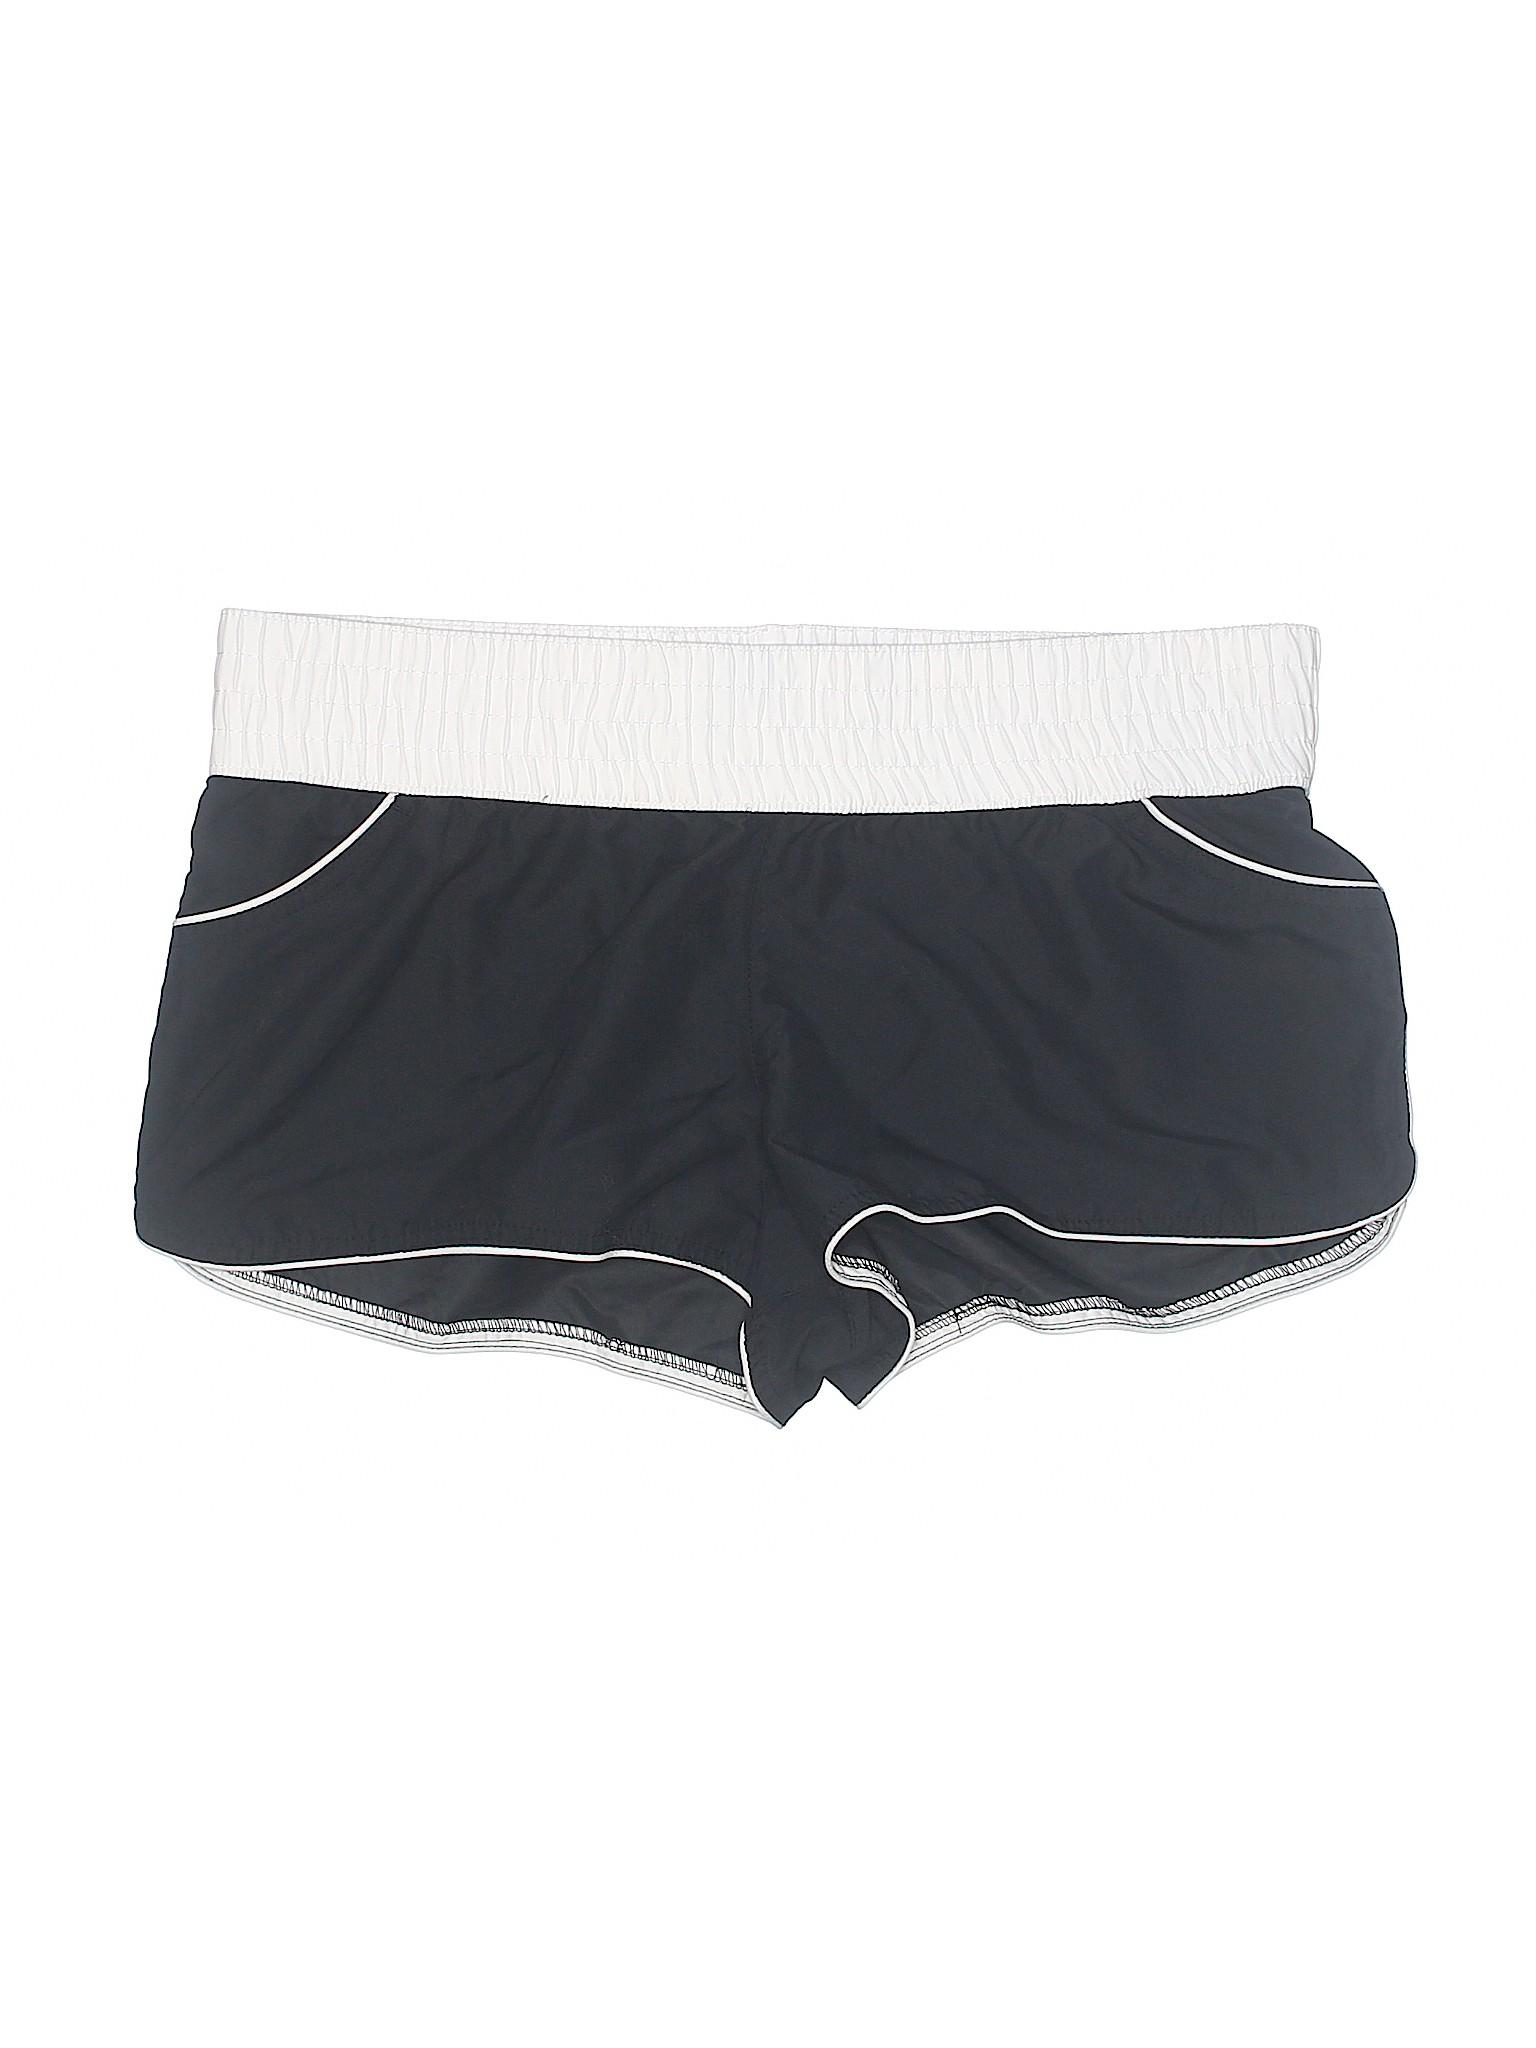 Boutique Shorts Xhilaration leisure leisure Boutique Xhilaration leisure Shorts Xhilaration Boutique HIXqwO